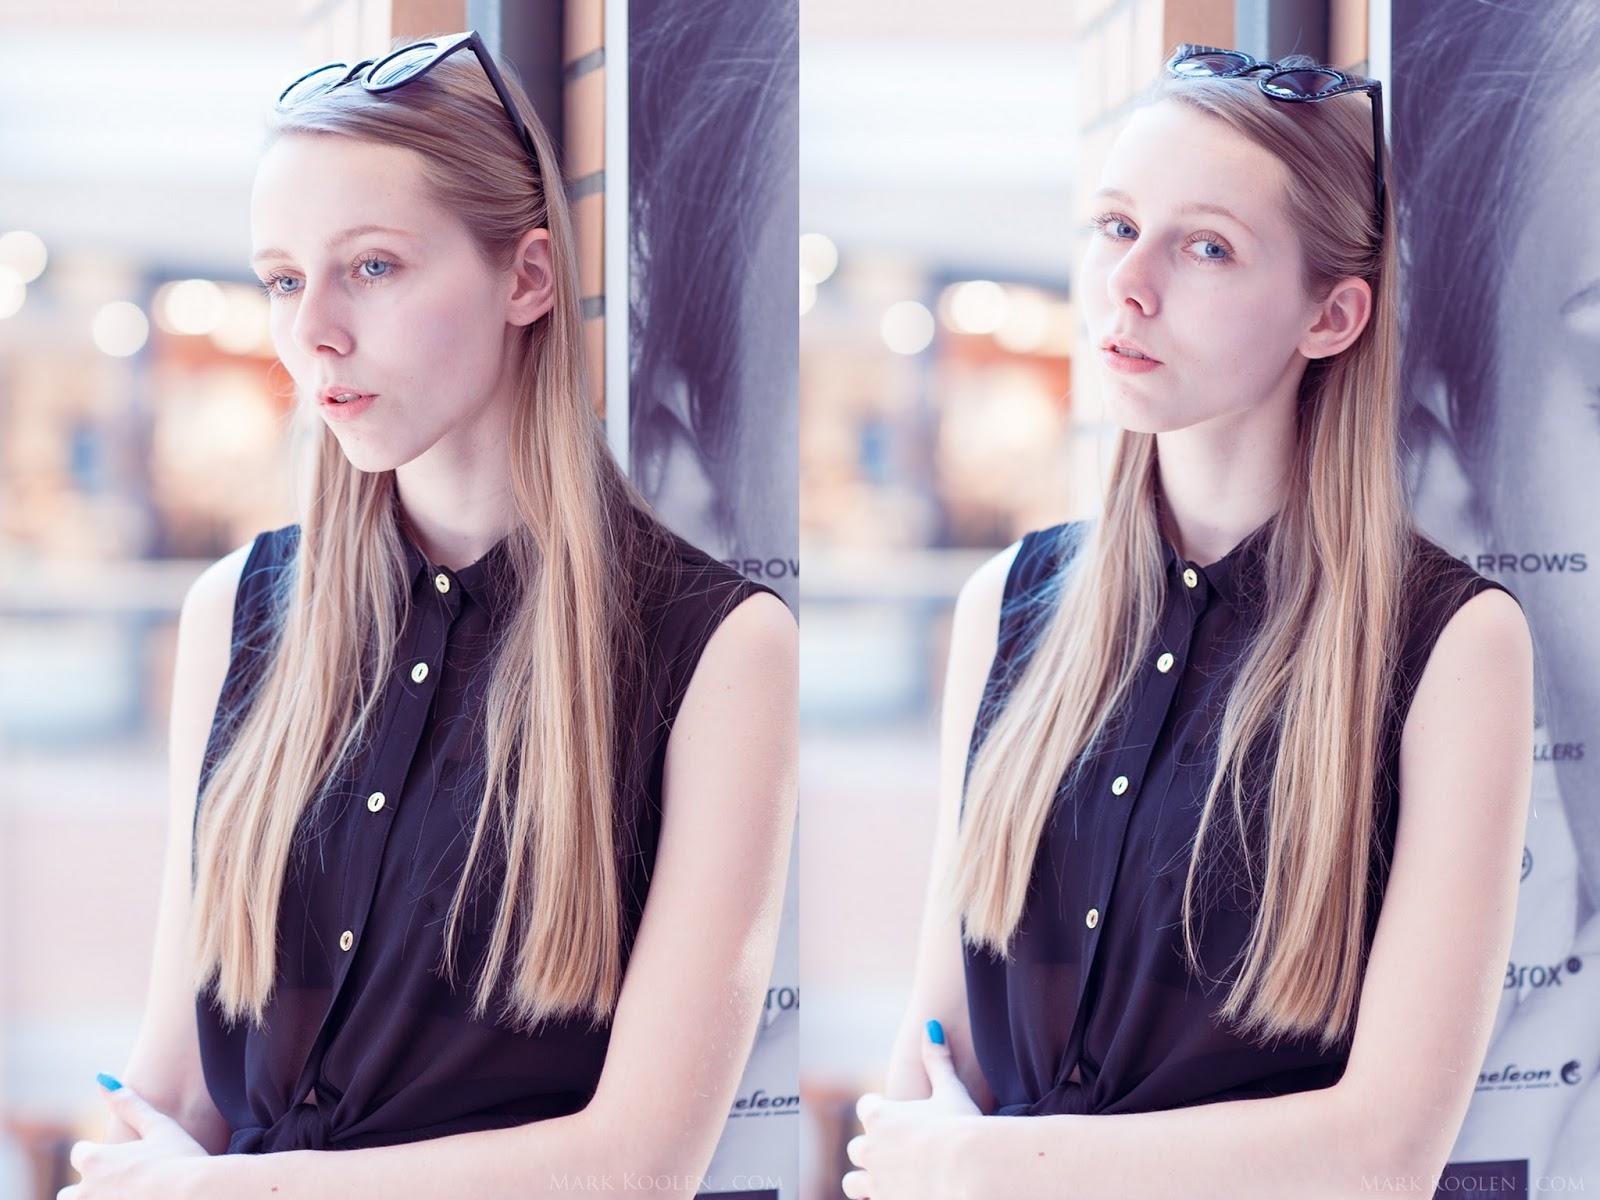 Palazzo pants h&m wijde broek met paisley print zomerbroek comfortabele zomer outfit inspiratie Mark Koolen fotografie